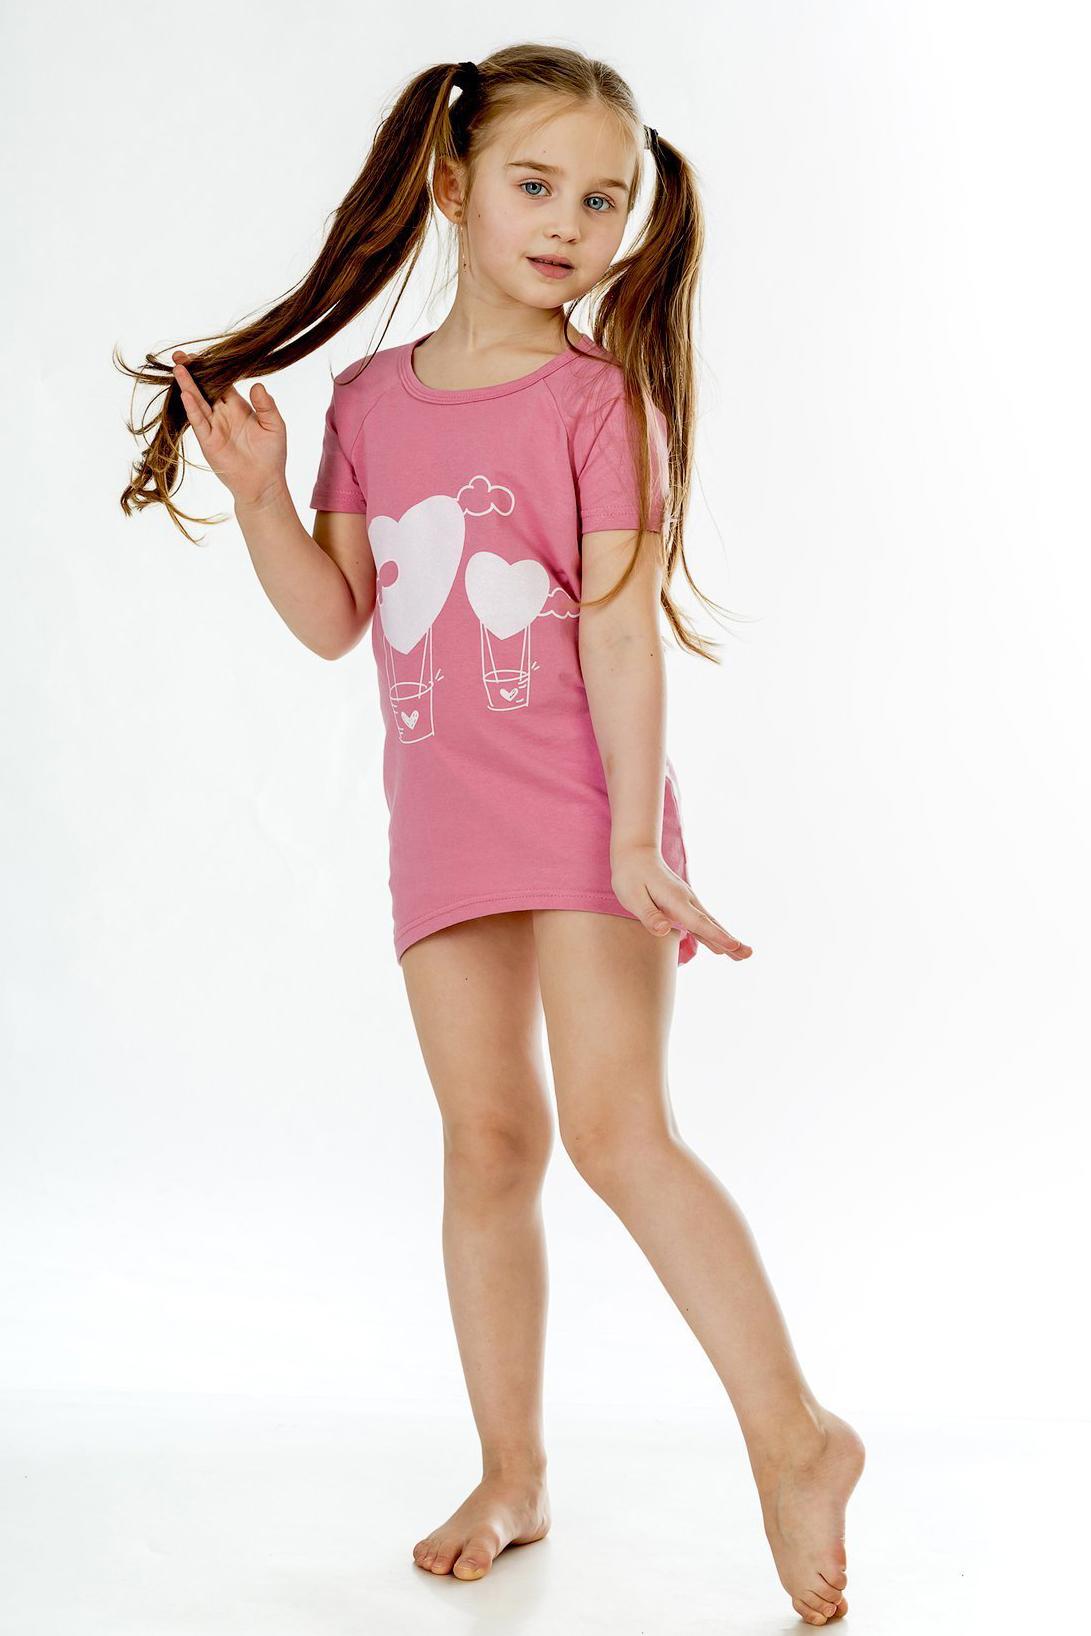 Детские туники, сарафаны Pastilla Туника Стелла Цвет: Брусника (7-8 лет) купить часы мальчику 7 лет